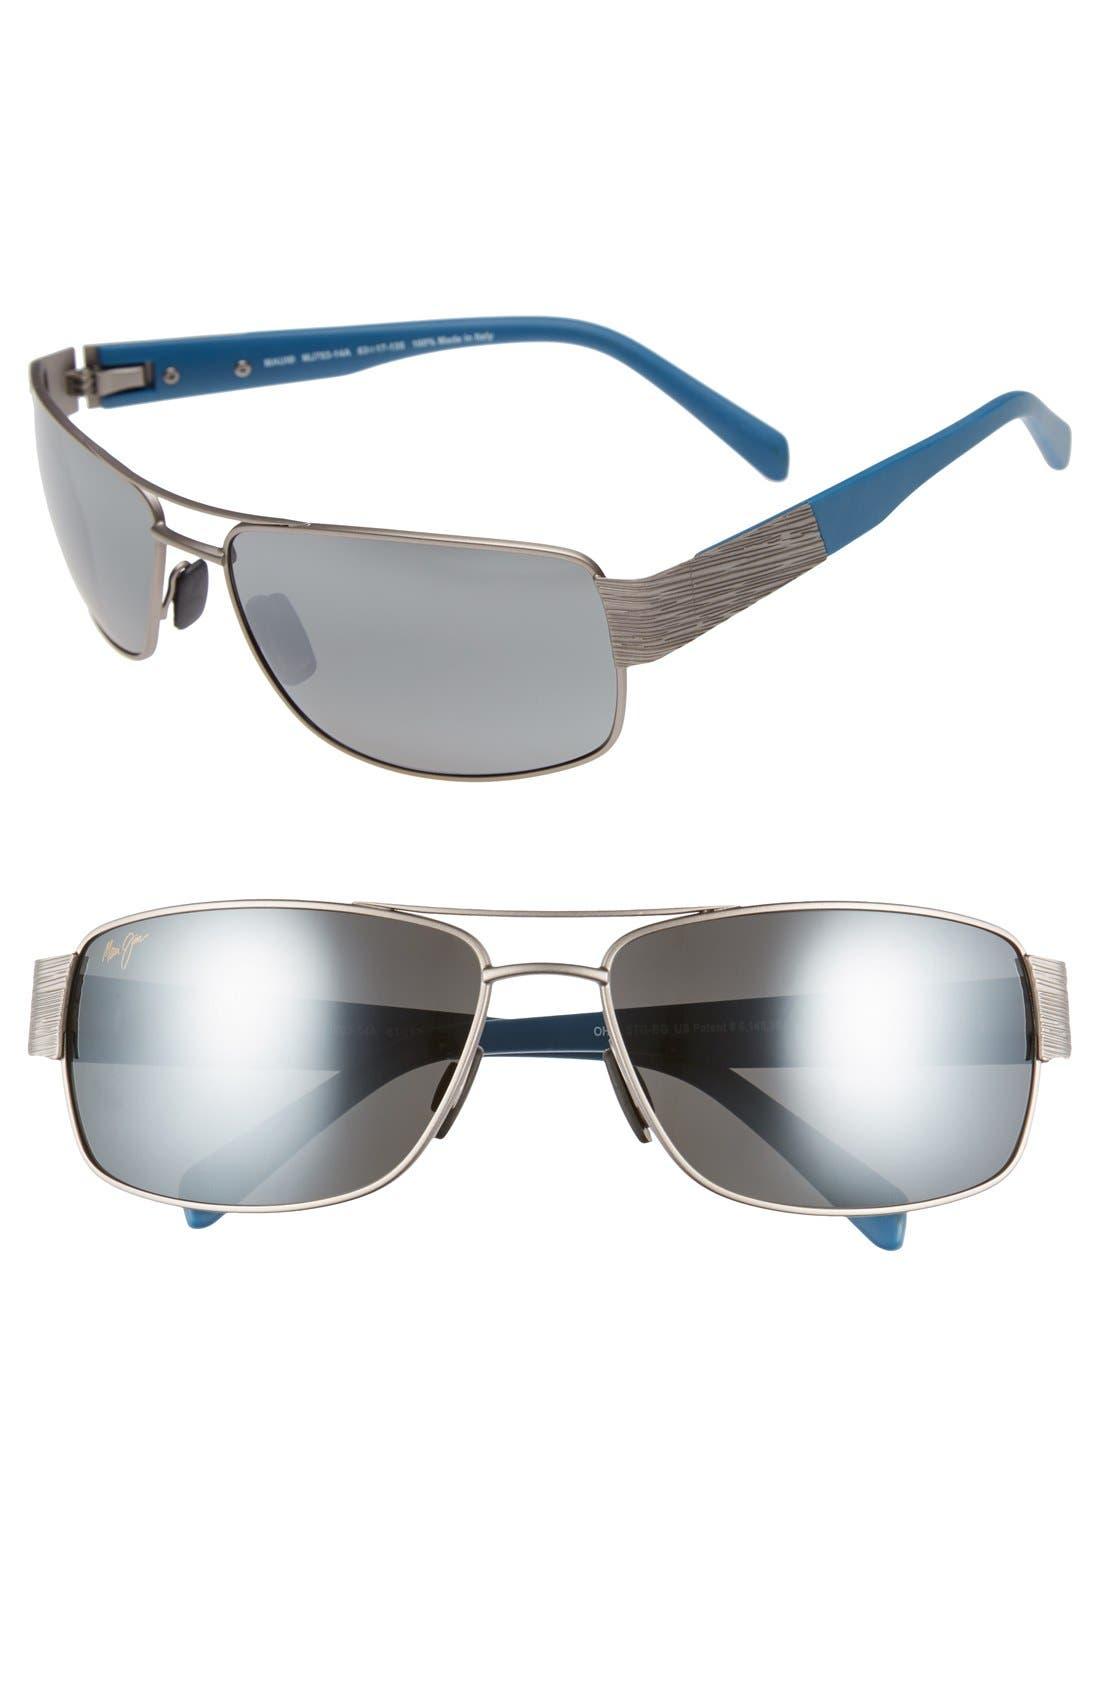 Main Image - Maui Jim 'Ohia' 64mm Polarized Sunglasses